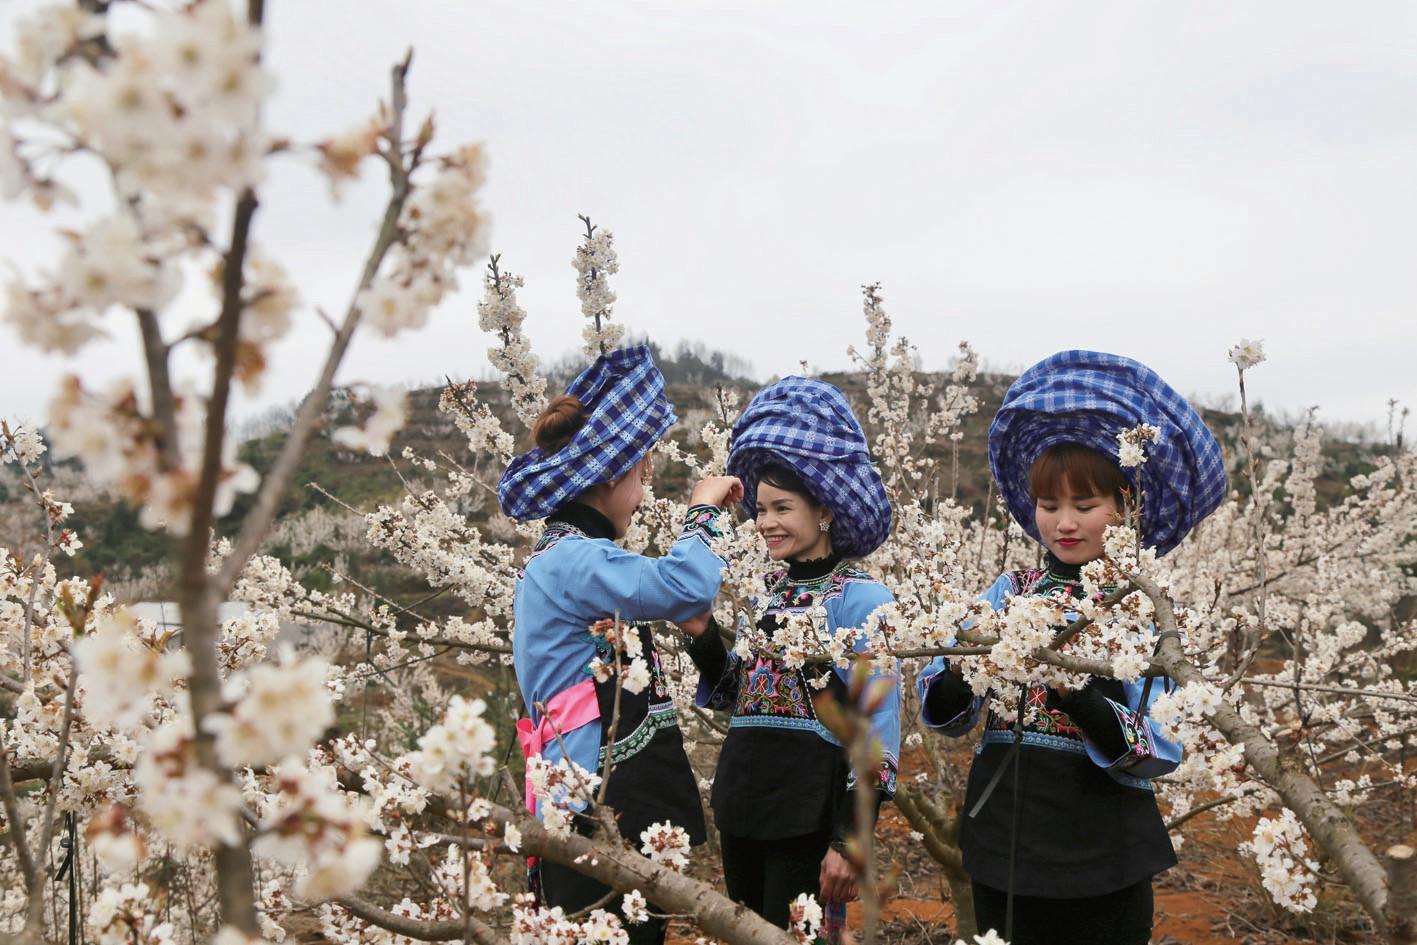 阳春三月春意浓 樱桃花儿开得美